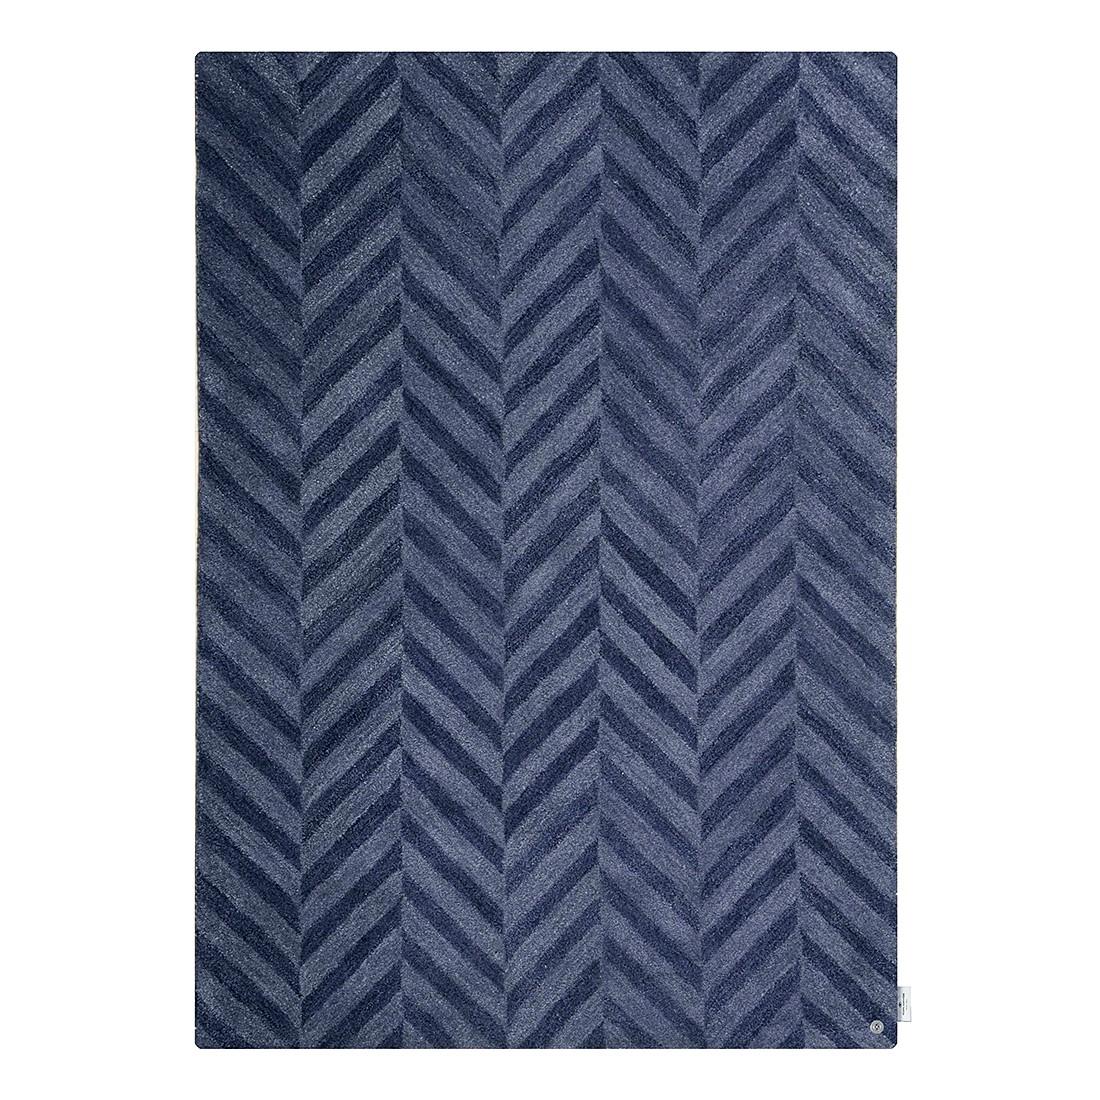 Teppich Country Zigzag – Blau – Maße: 65 x 135 cm, Tom Tailor online kaufen